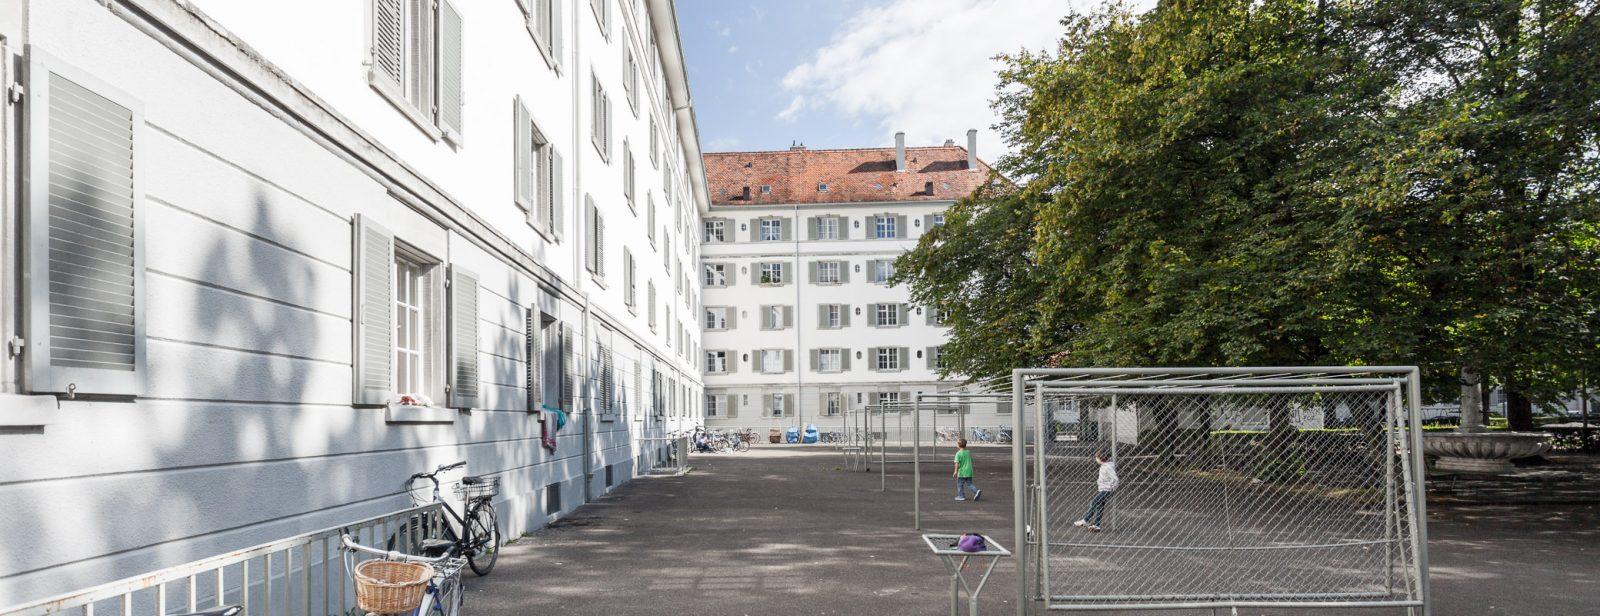 Sanierung Wohnsiedlung Zurlinden, Zürich